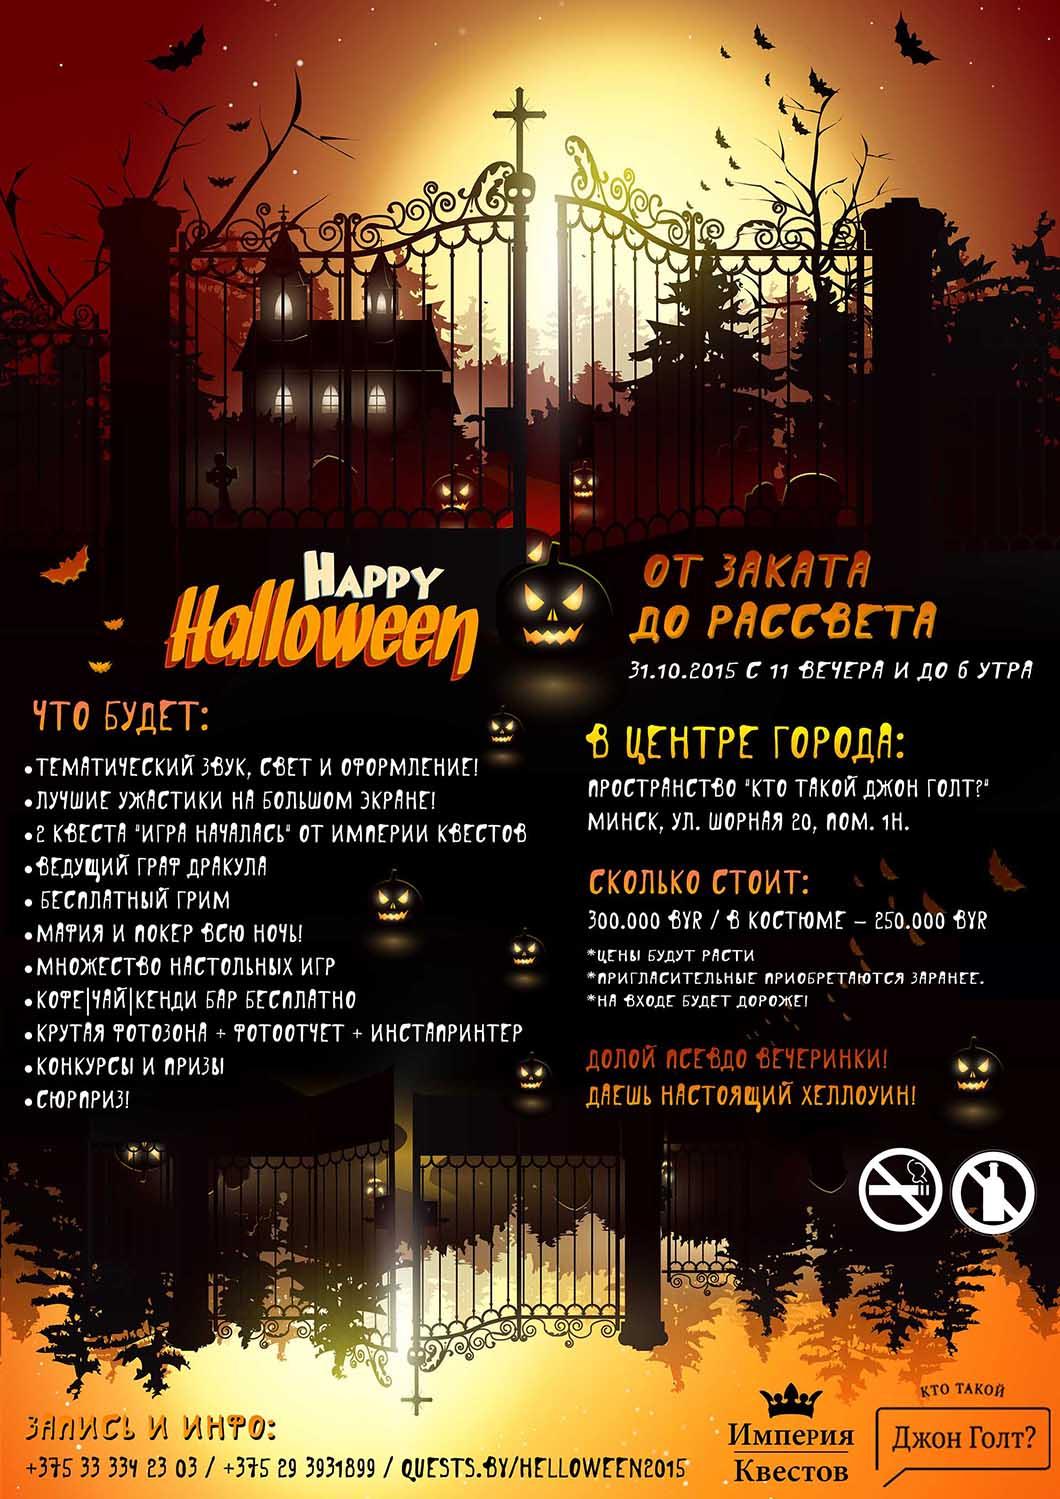 Вечеринка на хэллоуин в минске «От заката до рассвета» 2015